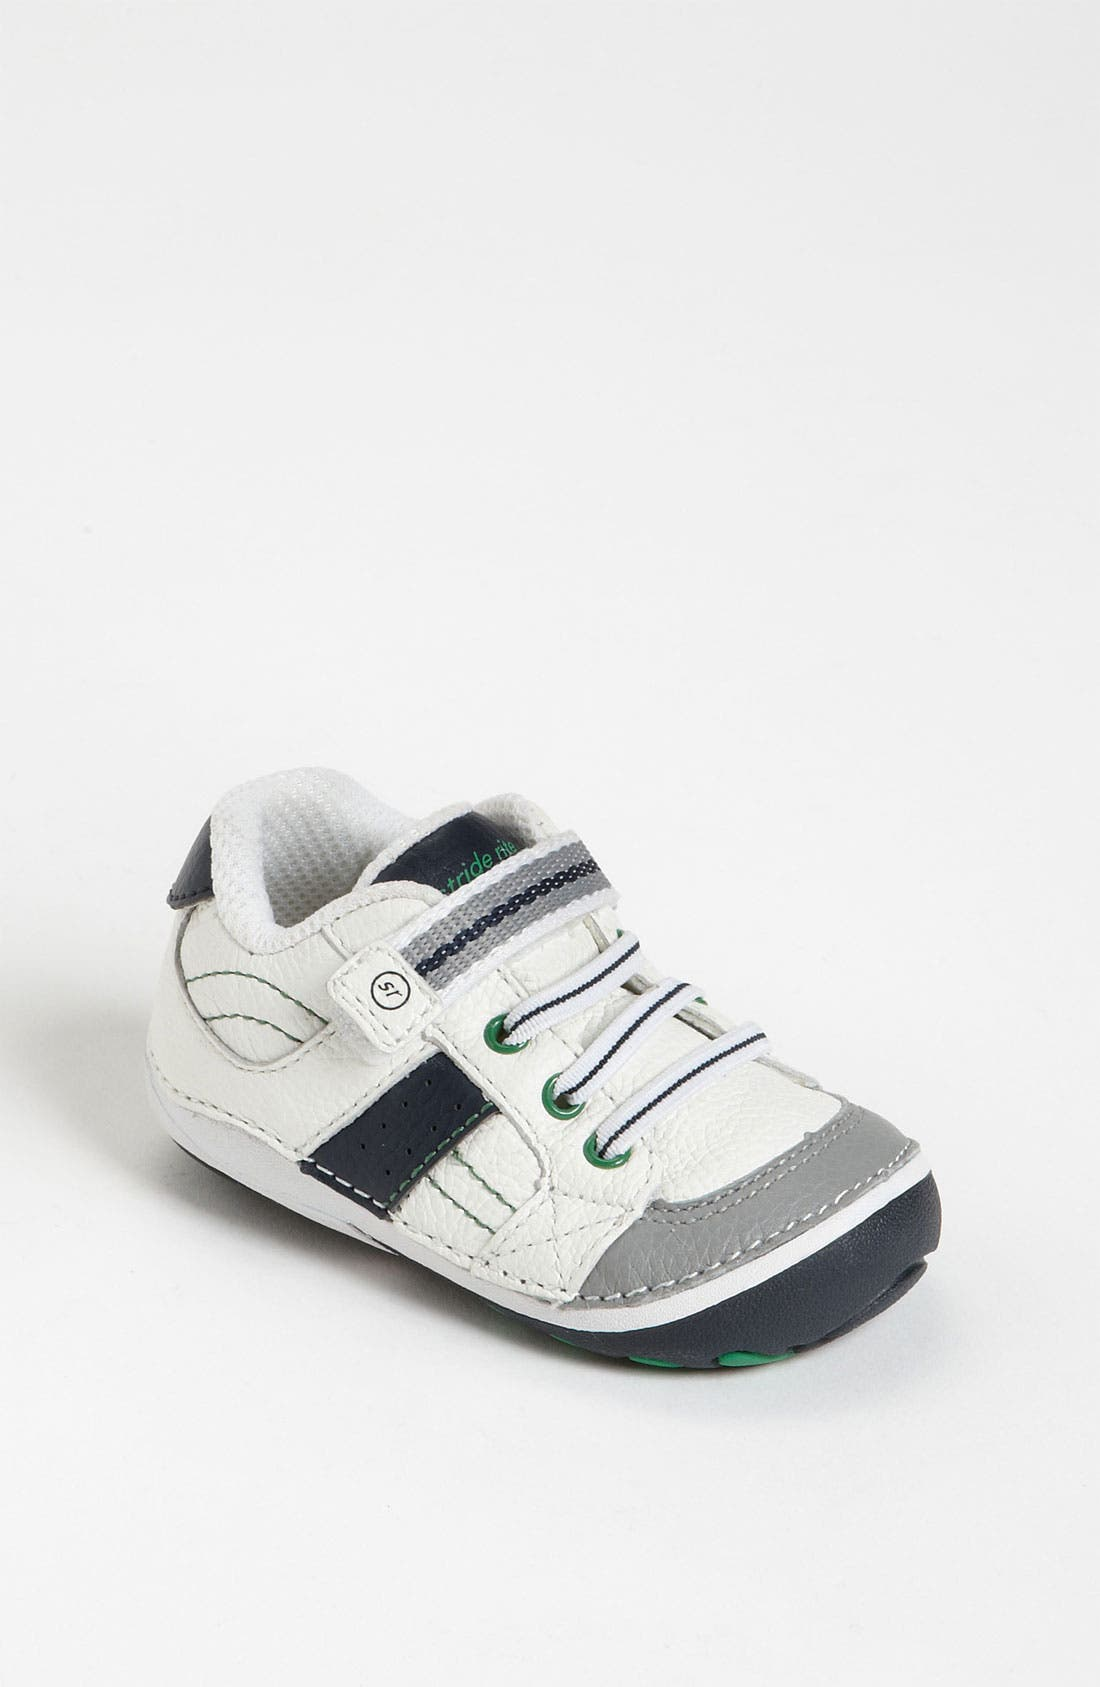 Main Image - Stride Rite 'Arte' Sneaker (Baby & Walker)